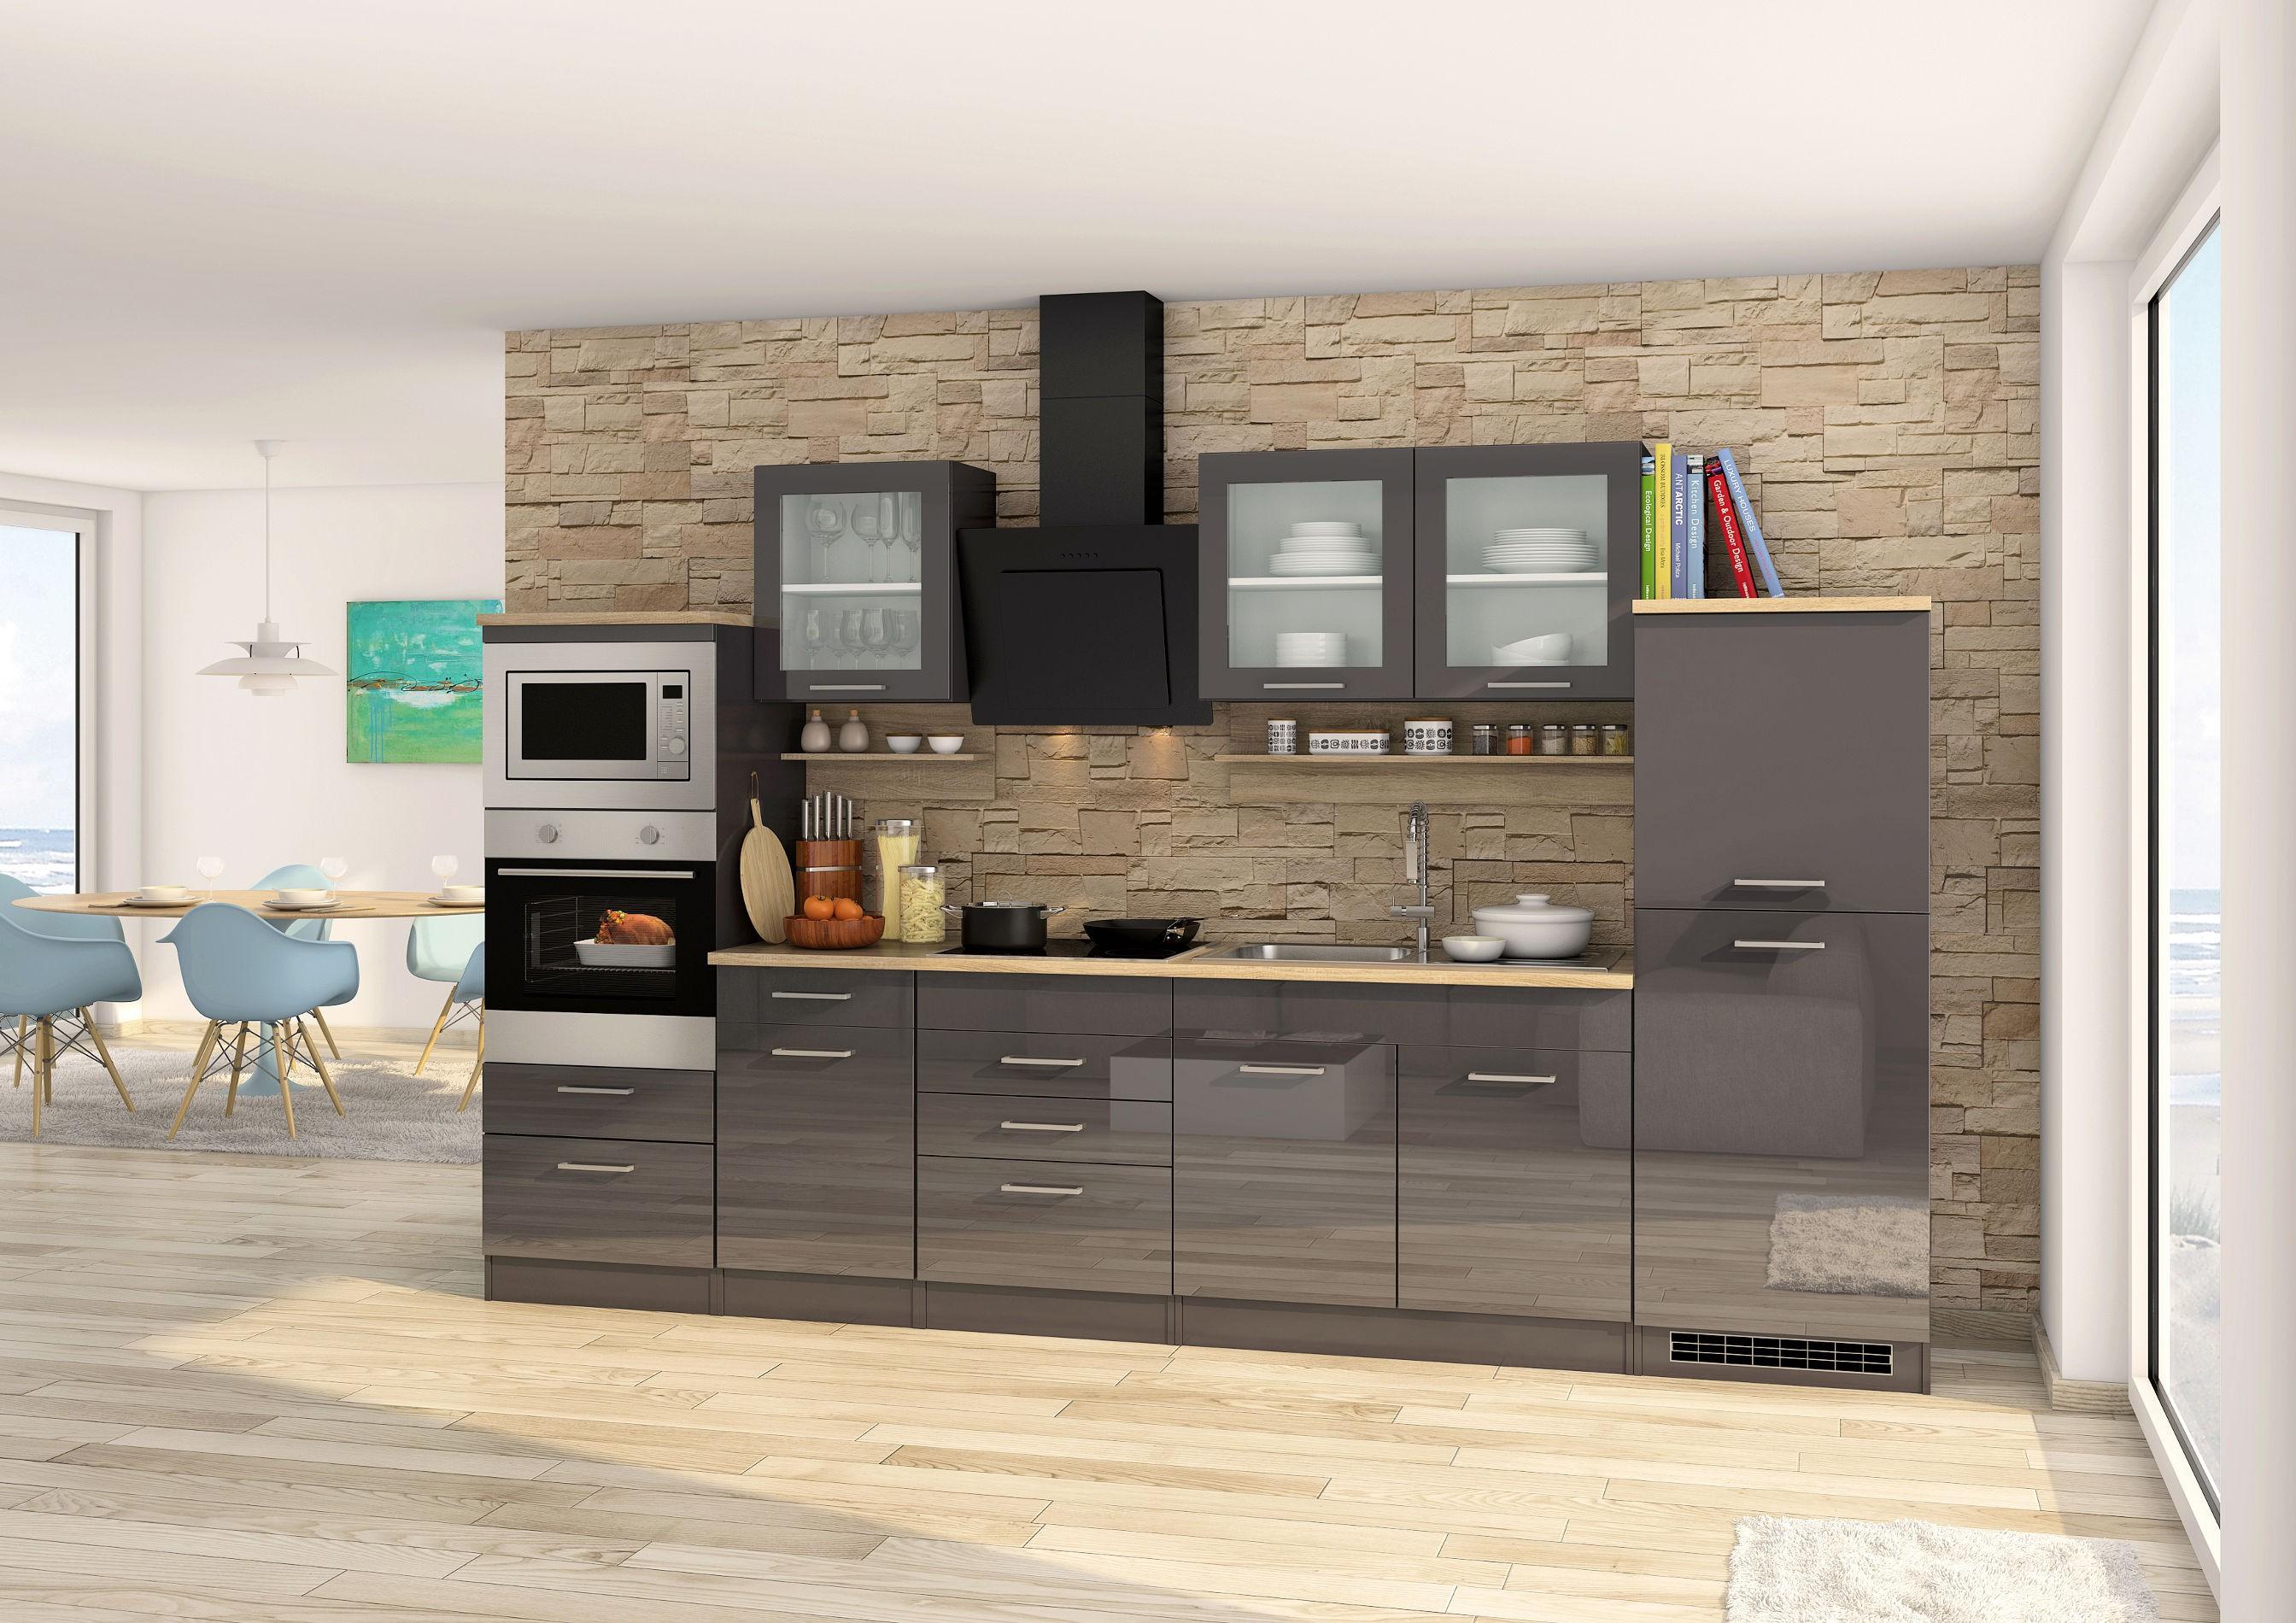 k chen wandregal 1 ablagefl che 100 cm breit eiche. Black Bedroom Furniture Sets. Home Design Ideas